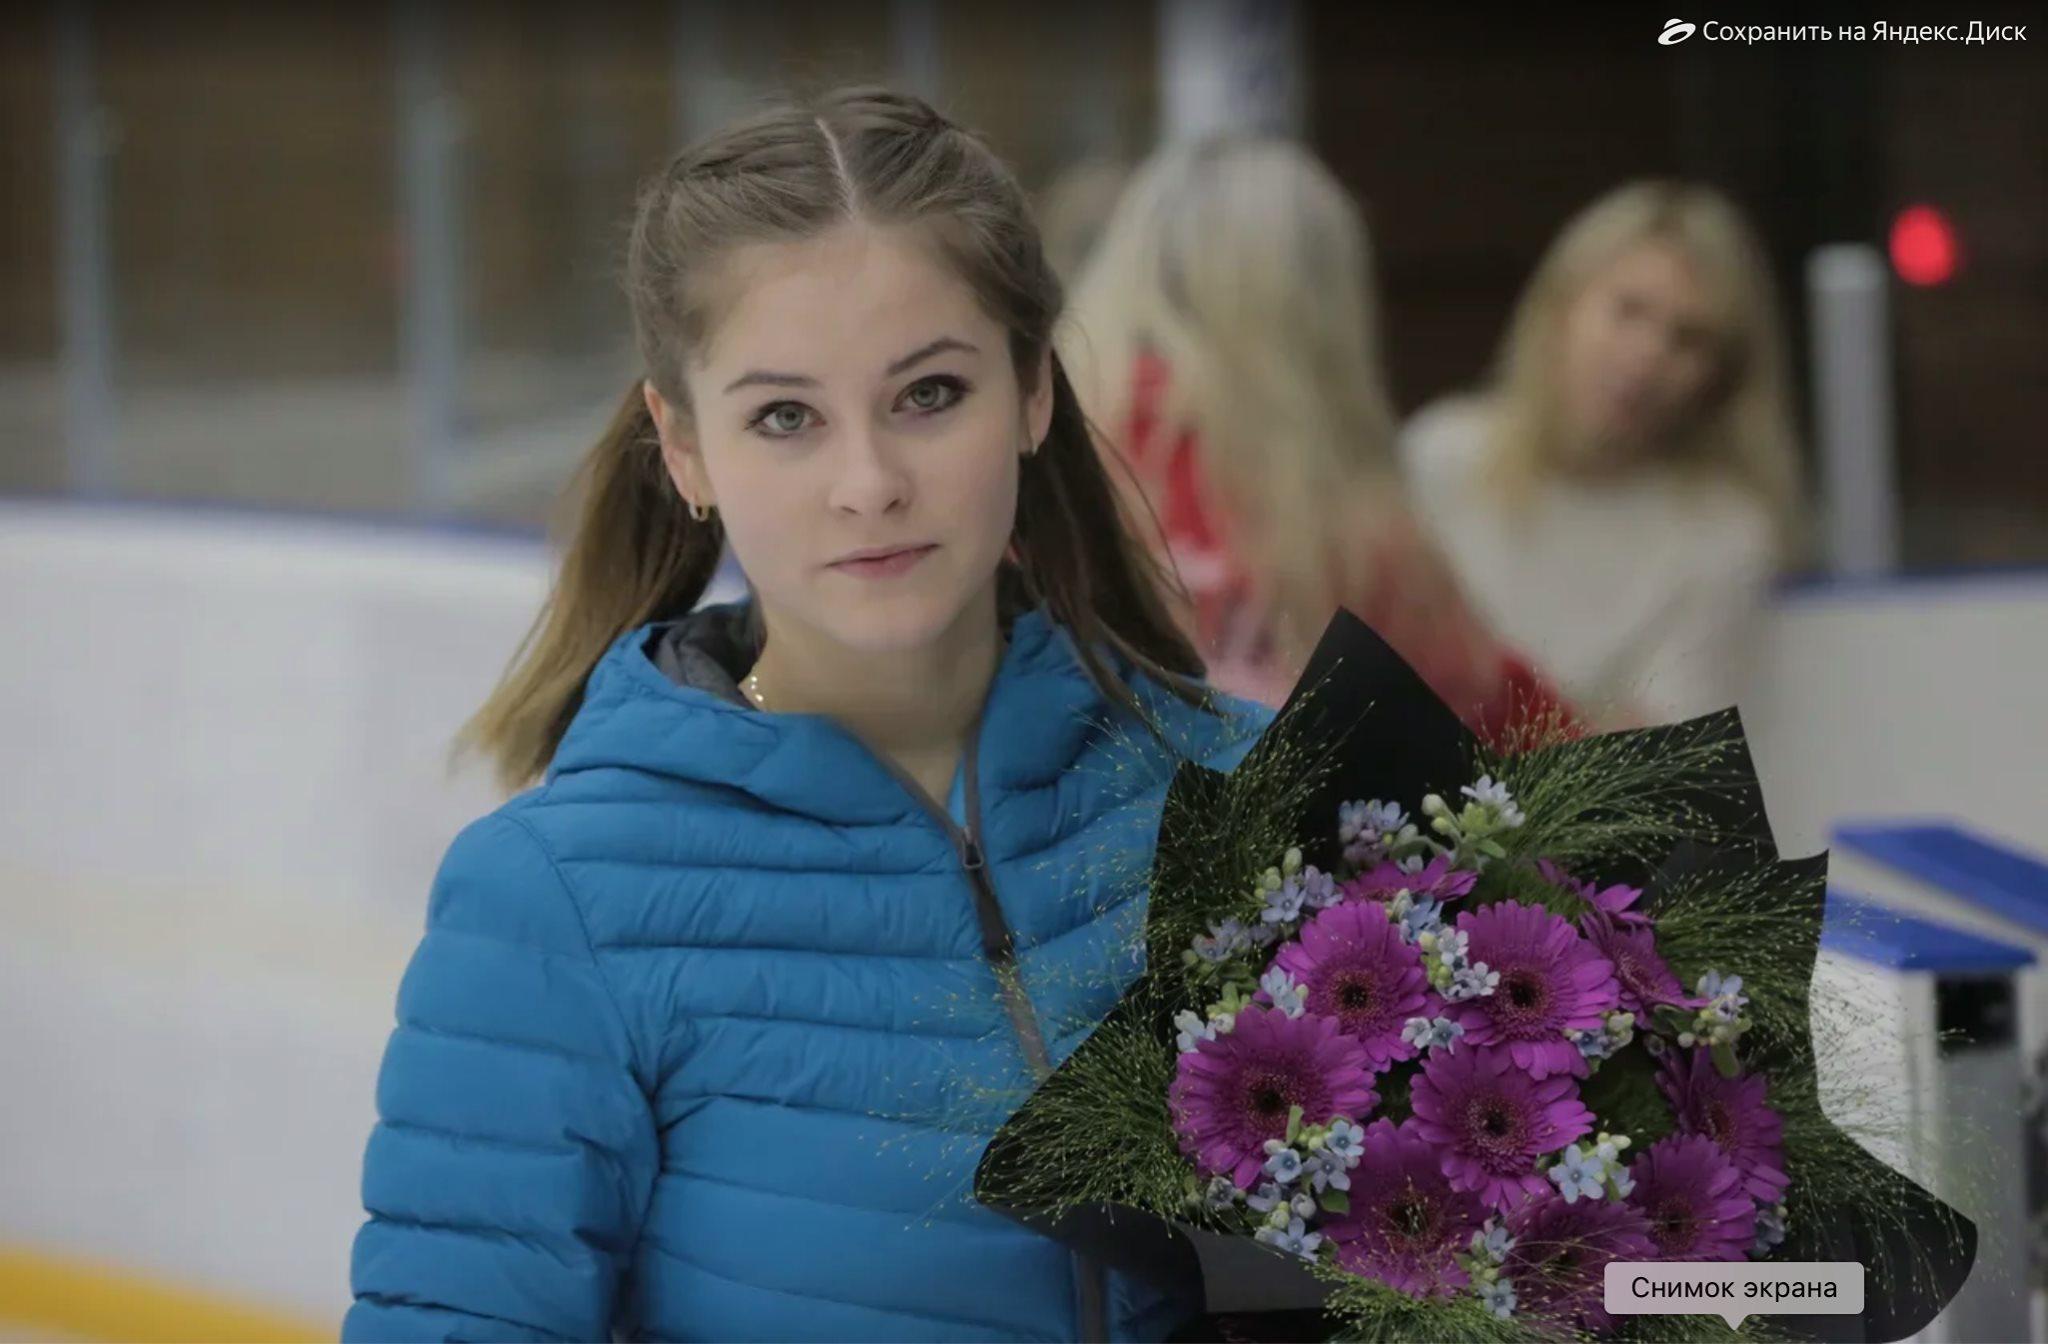 Юлия Липницкая - 6 - Страница 33 RsLFz1R52fU